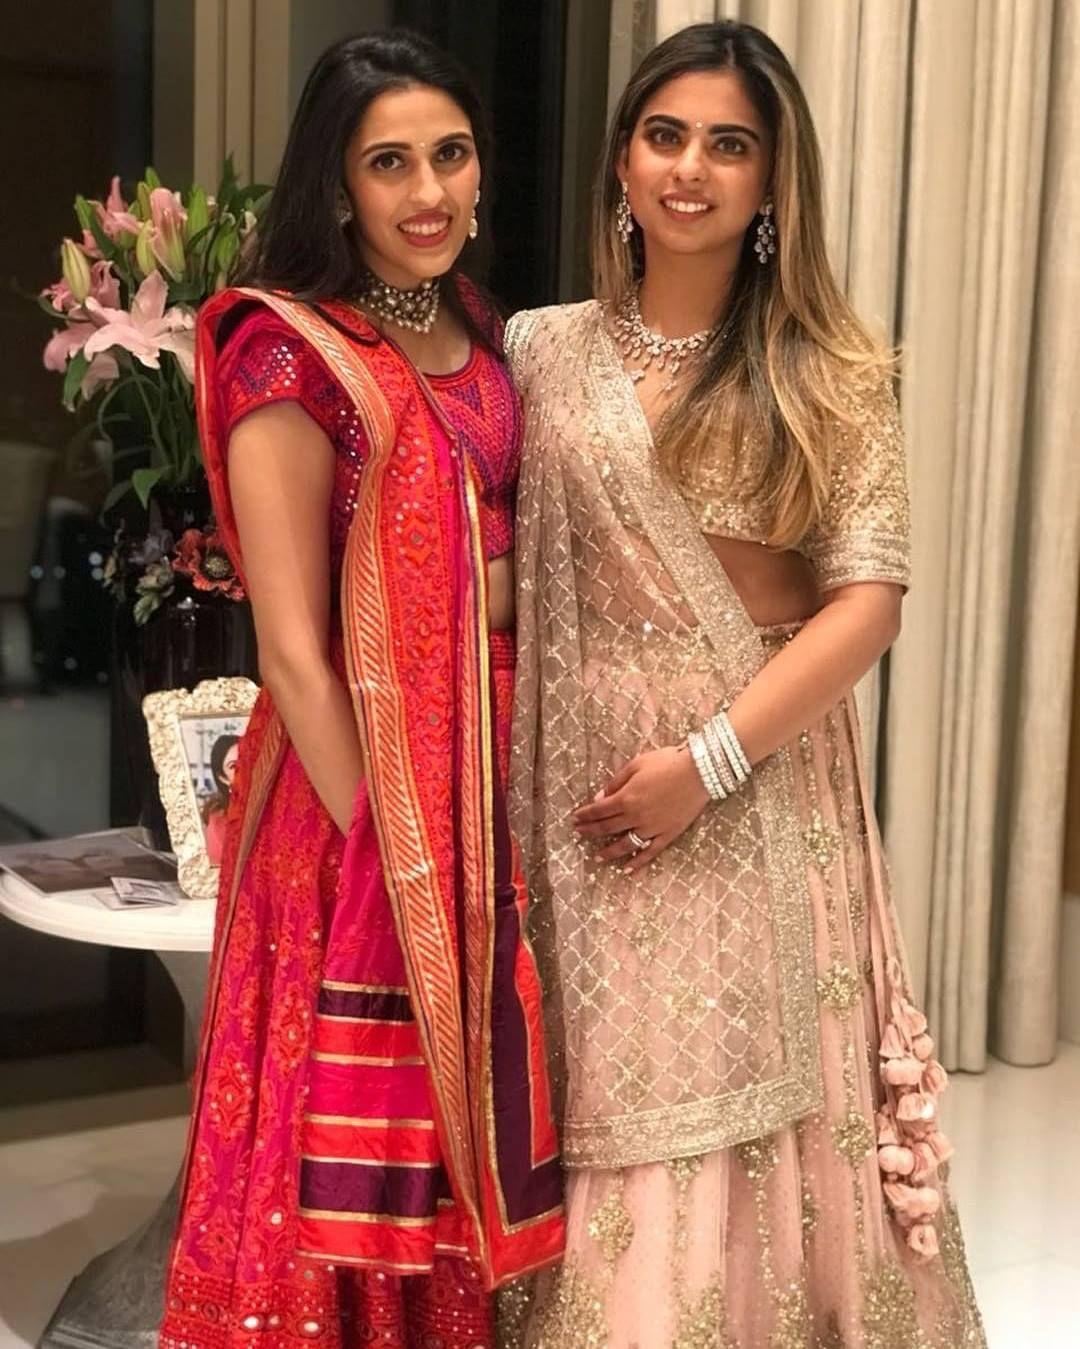 19ac808f3f Isha Ambani | Shloka Mehta | Sabyasachi Nita Ambani, Ethenic Wear,  Bollywood Wedding,